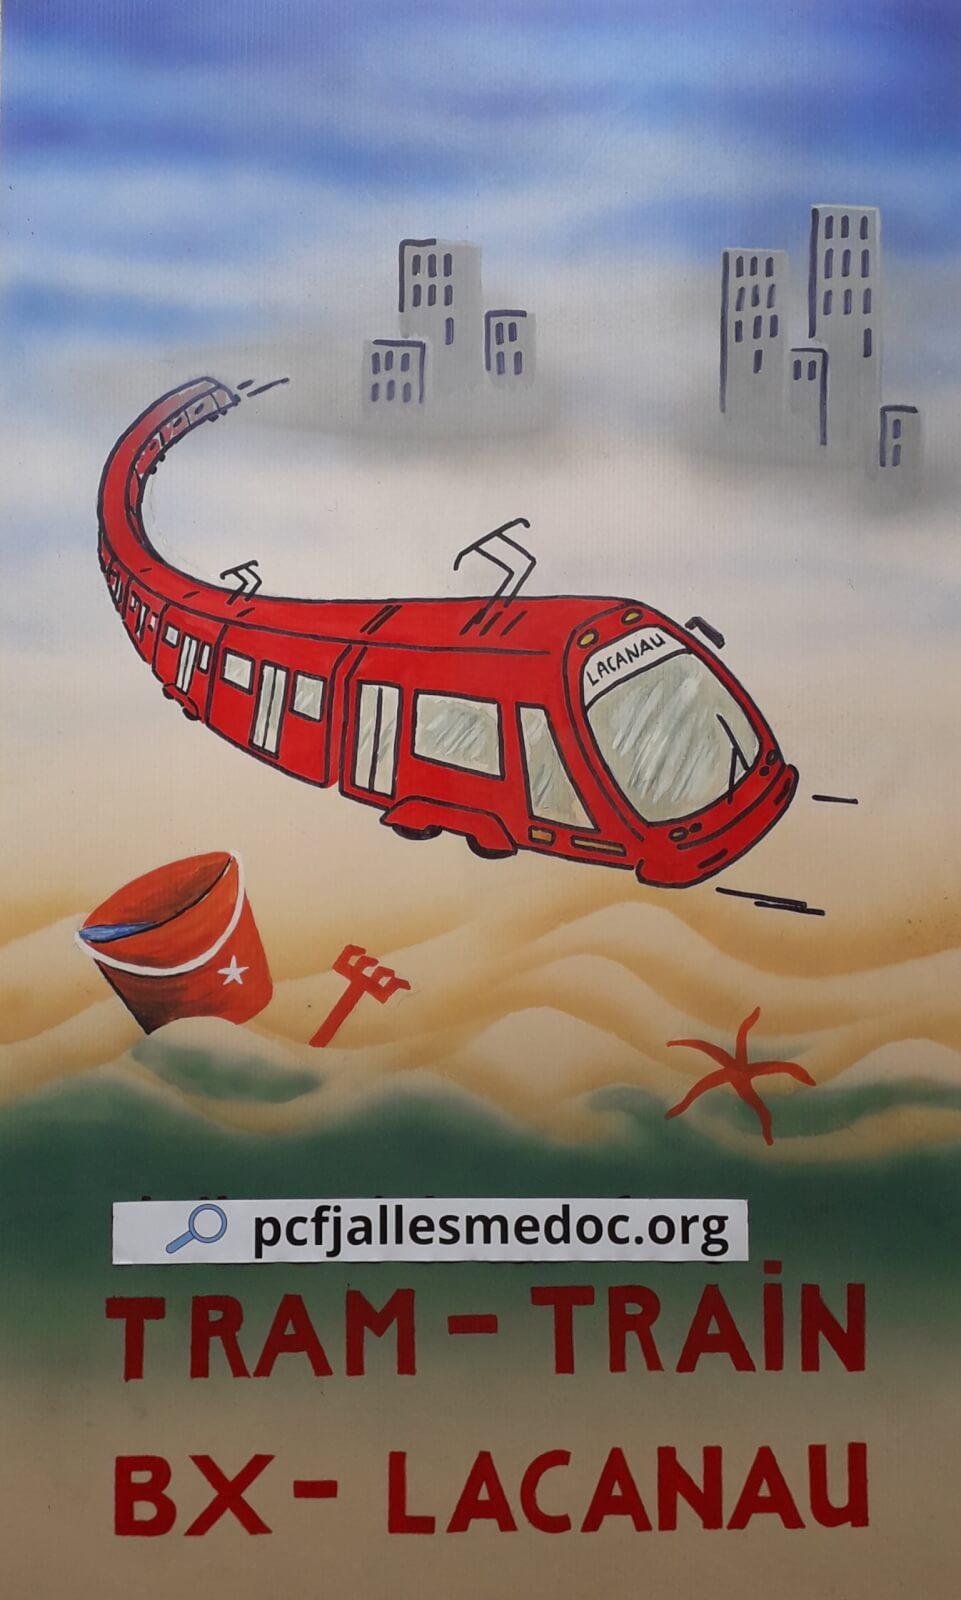 Tram-Train Bordeaux-Lacanau